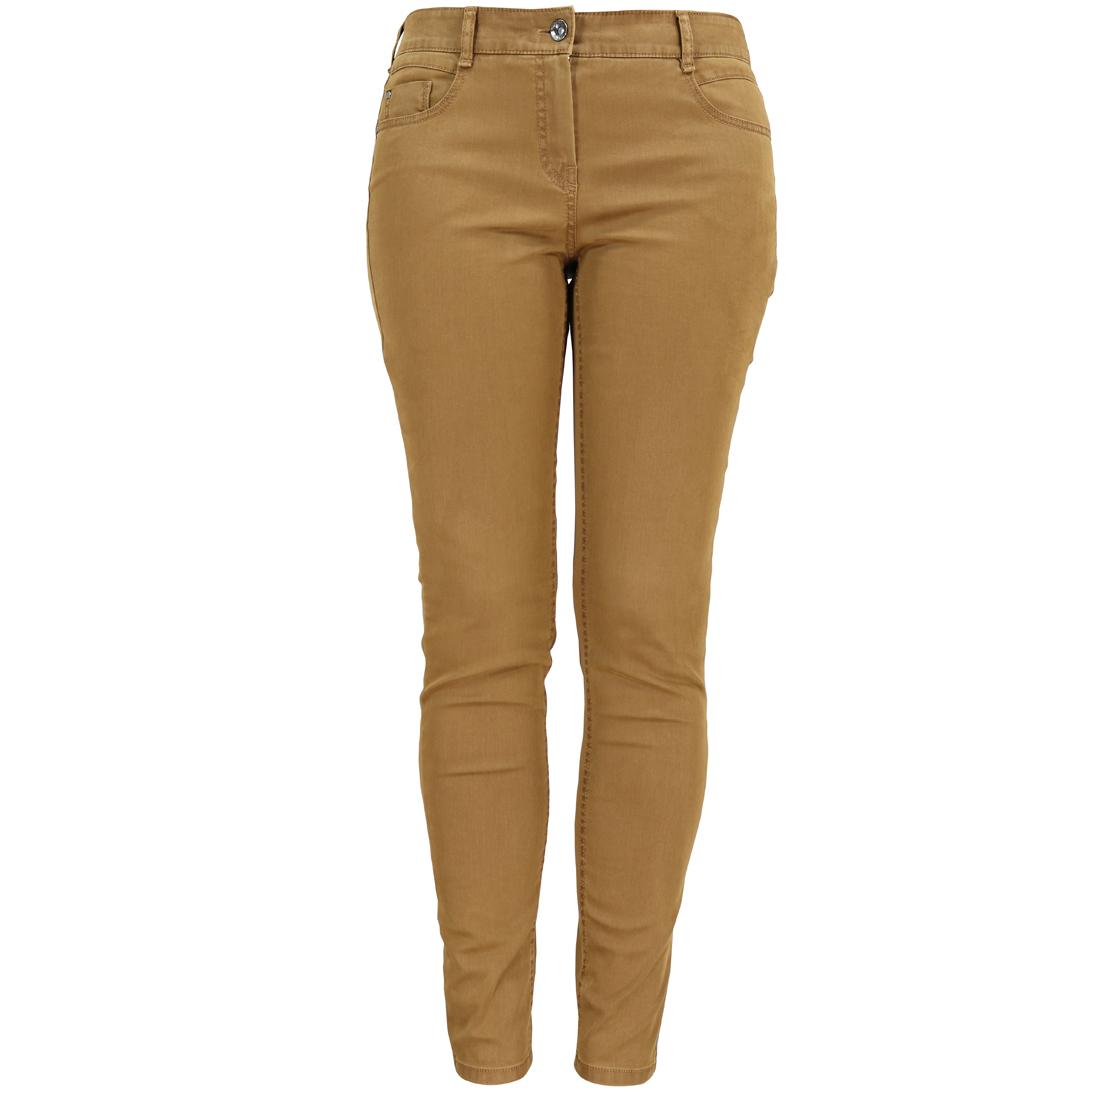 Image of Gardeur broek zuri90 61886 in het Camel